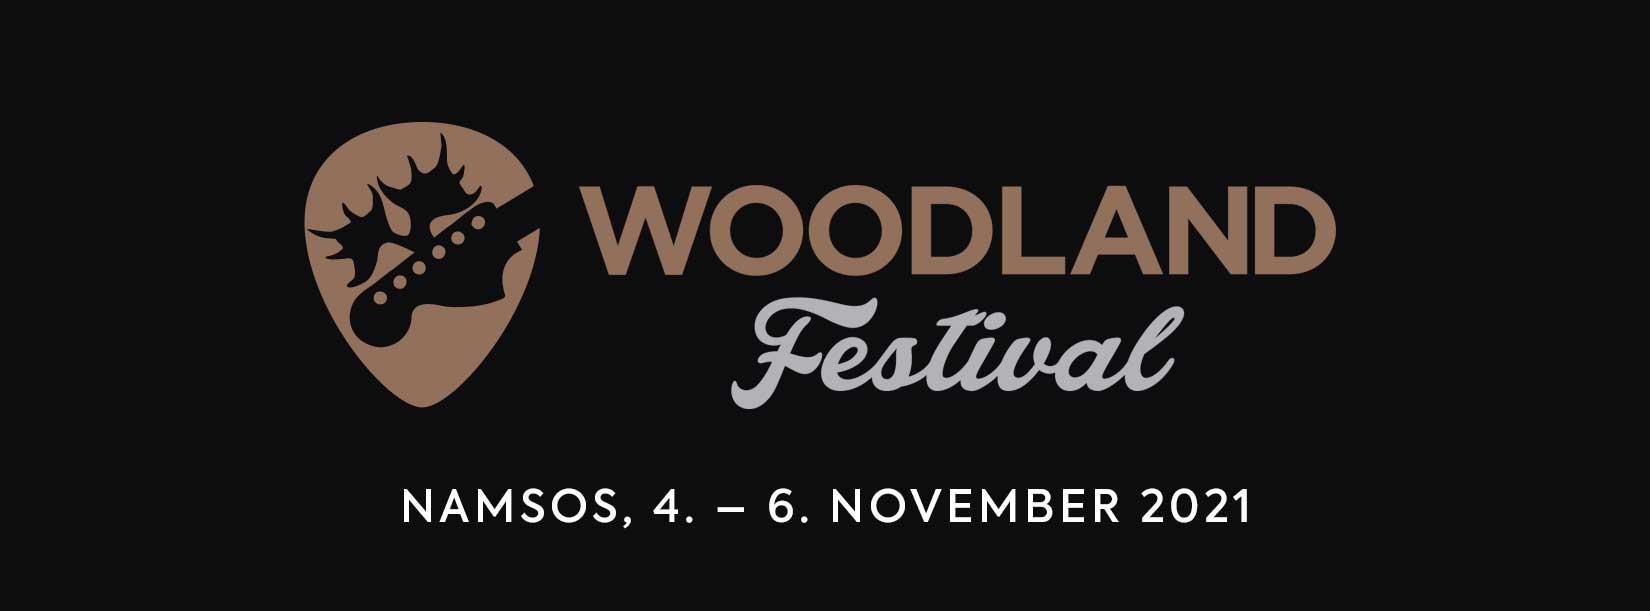 Forsidebilde-woodland-2021-1